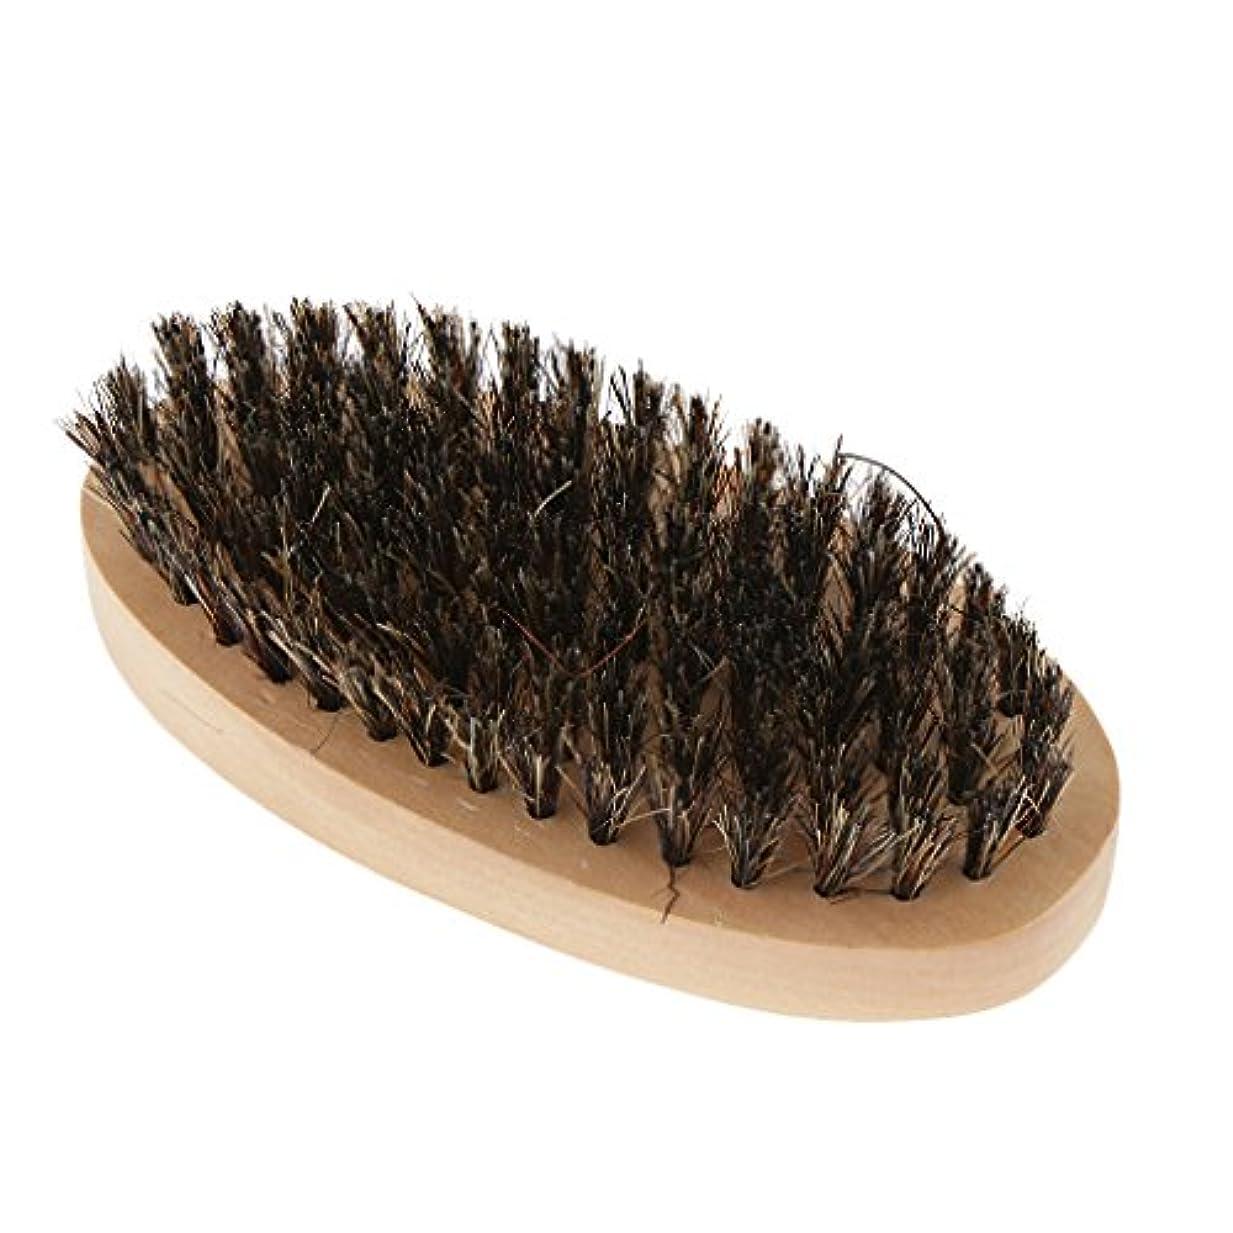 締める道徳の追加Kesoto ビアードブラシ 男性 ひげブラシ 口ひげ 整髪スタイリング 木製のハンドル